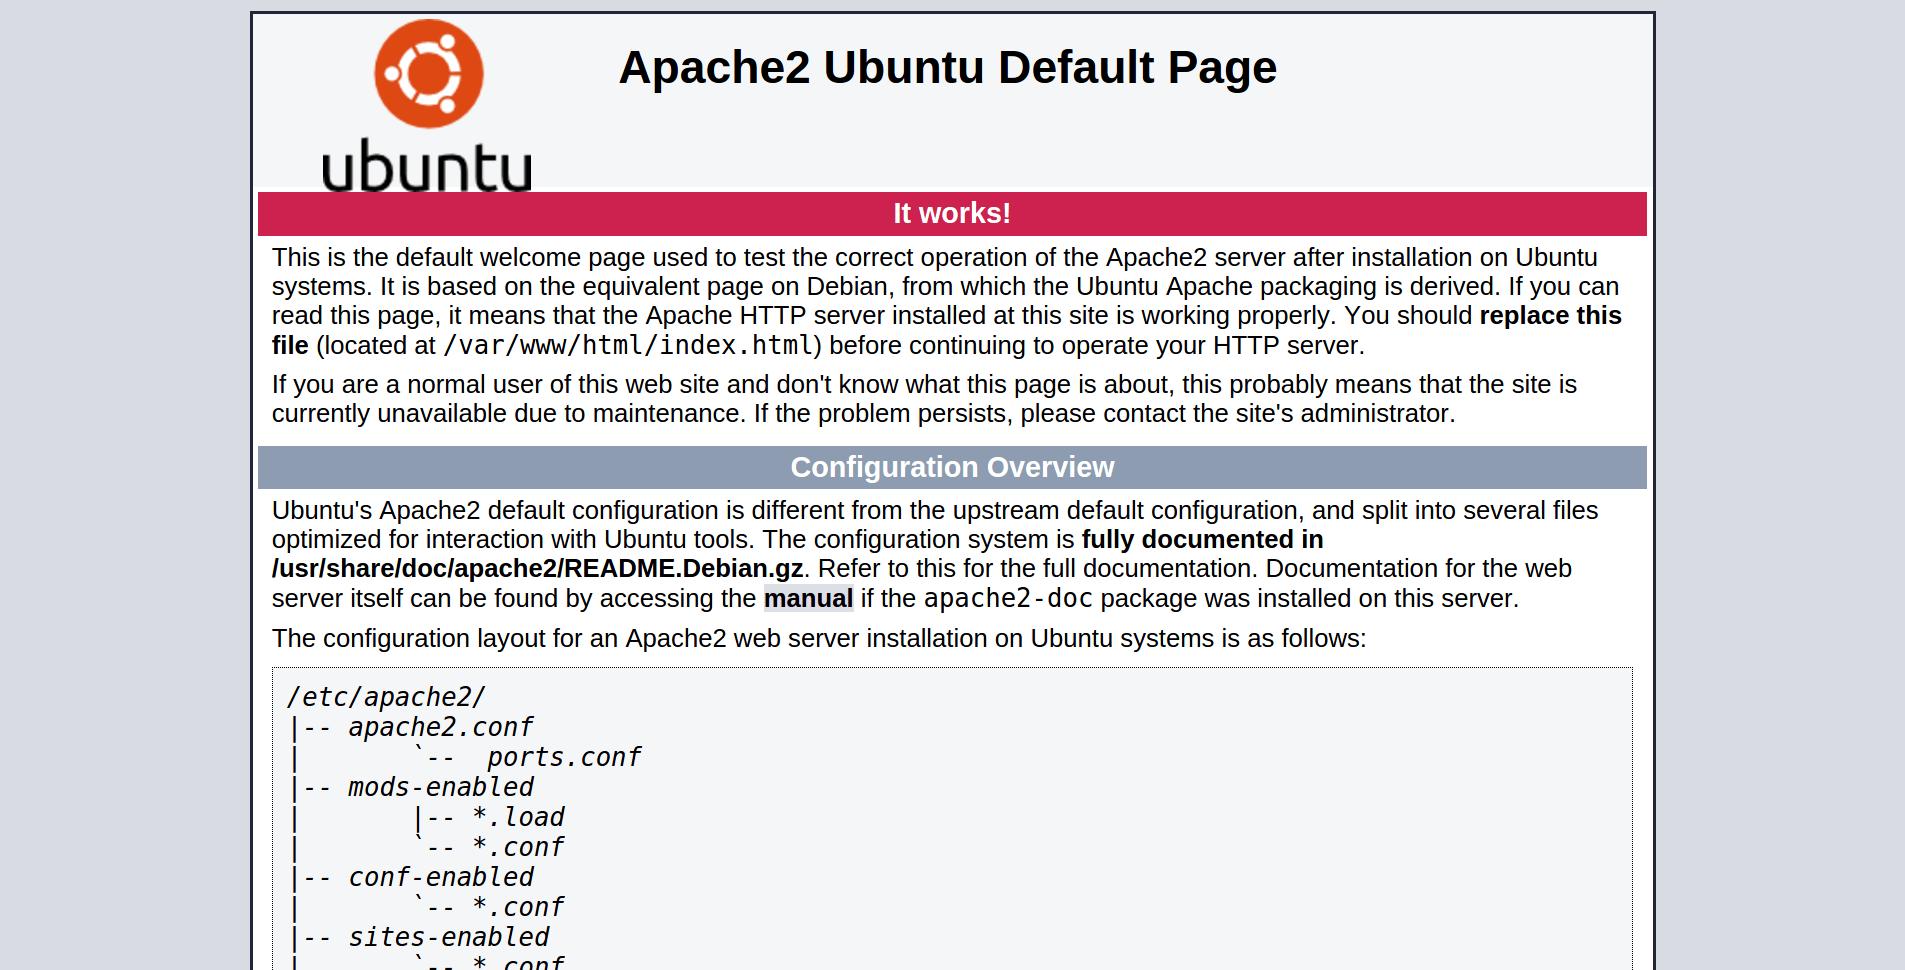 Apache2UbuntuDefaultPage